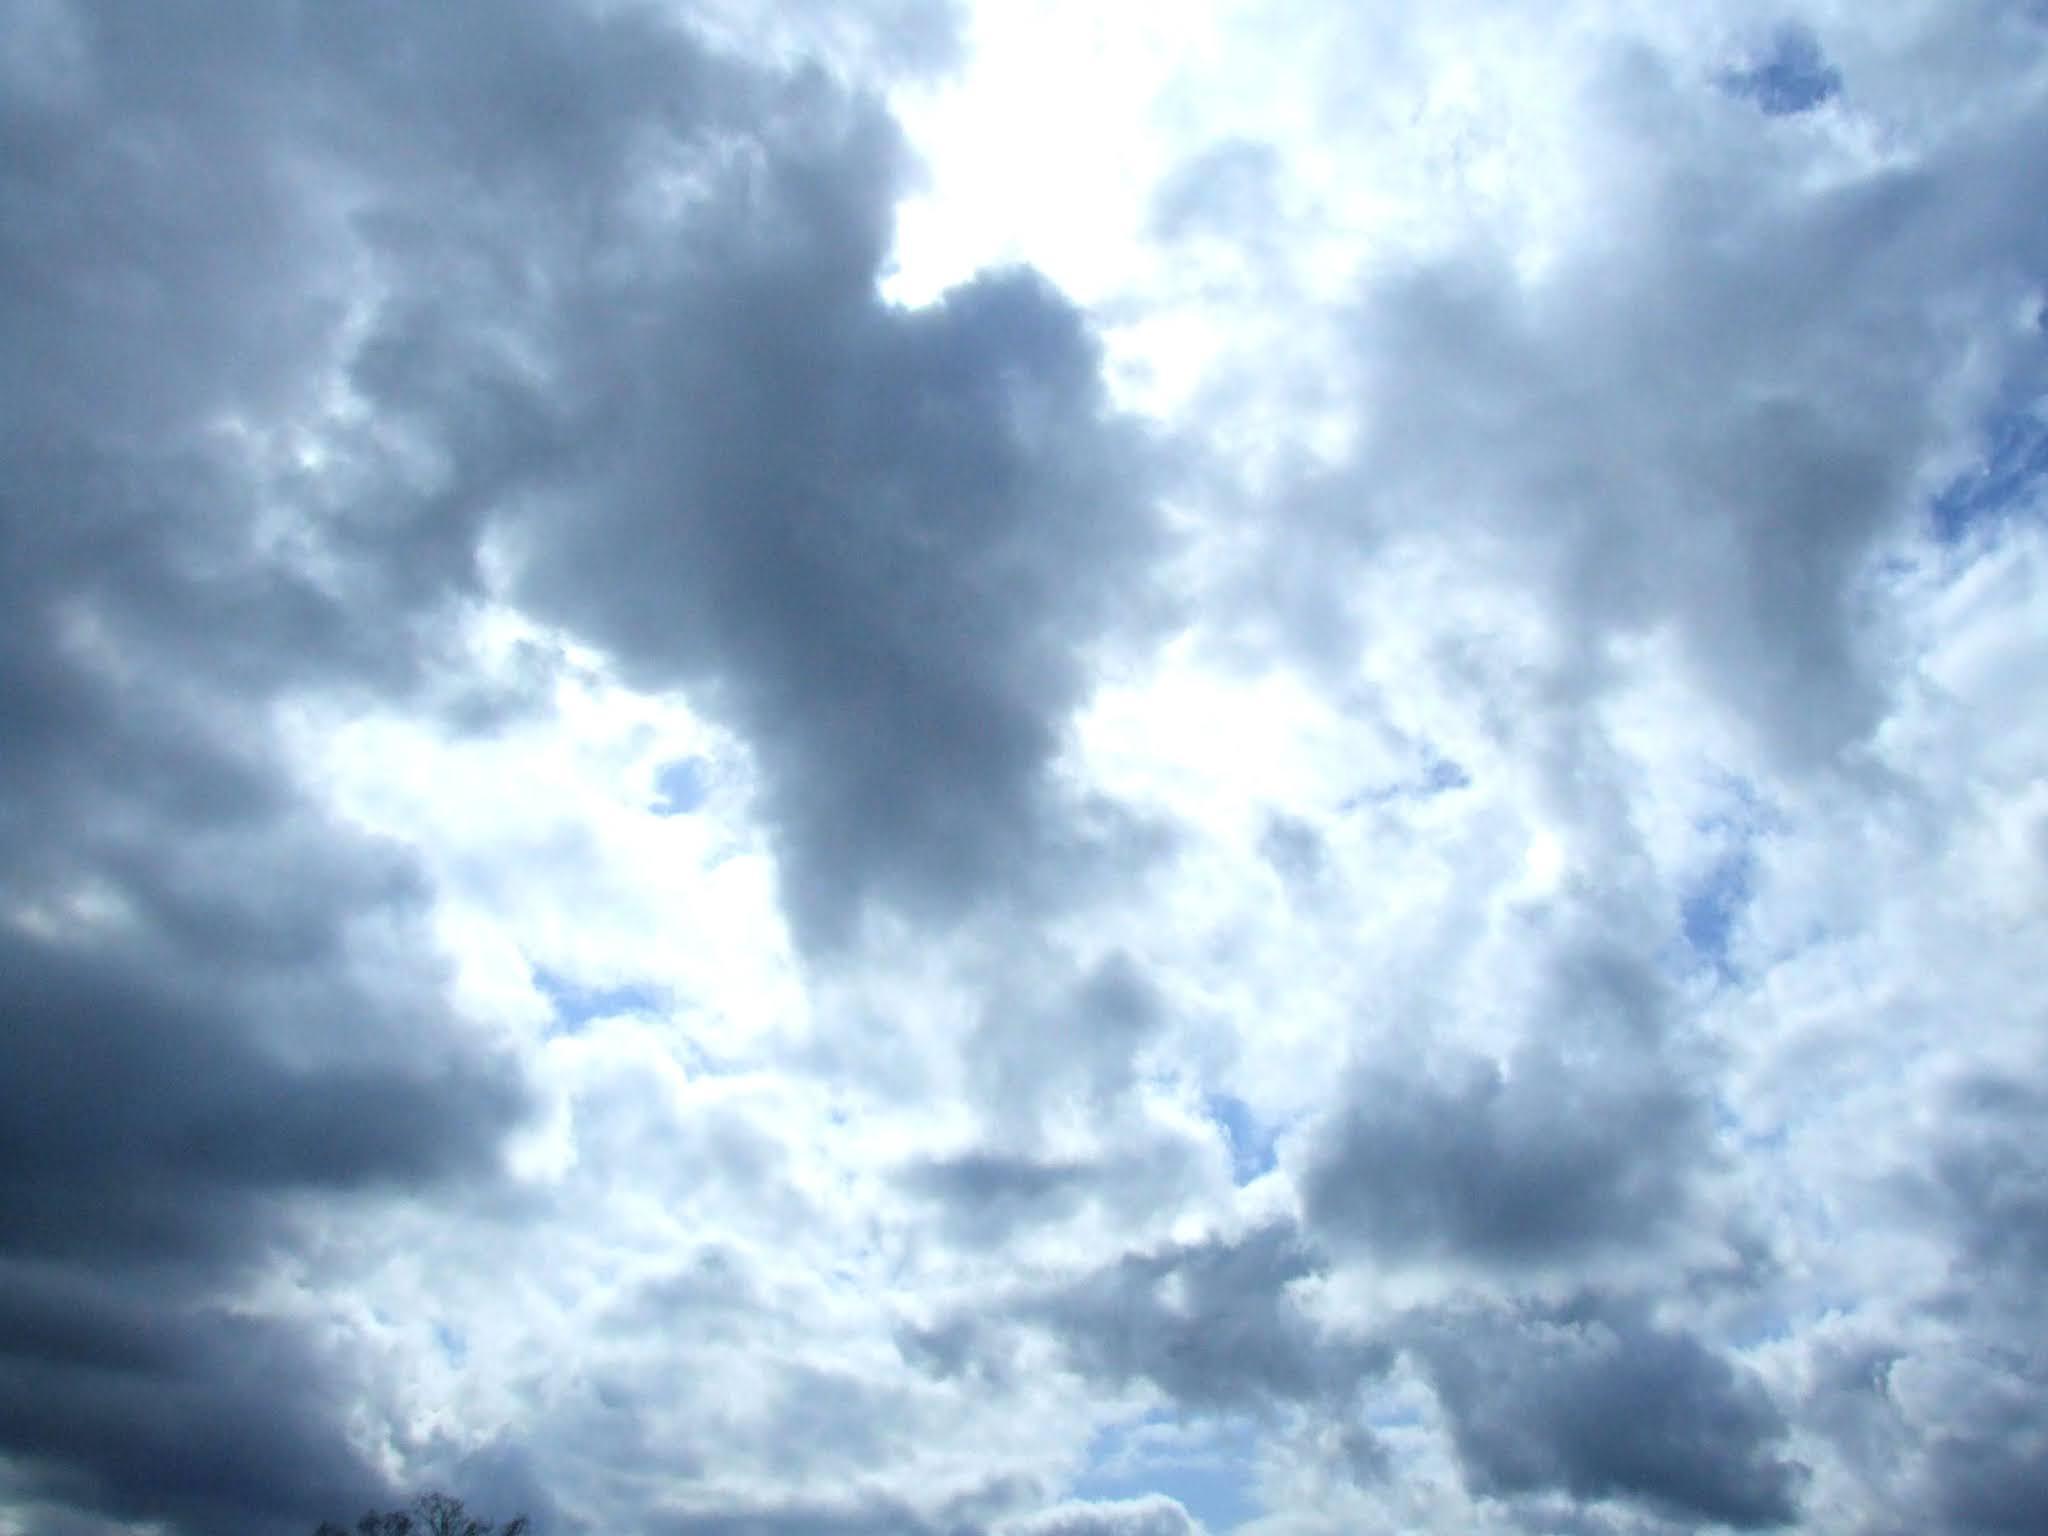 青い空と白い雲の写真素材です。差し込んでくる光が凄くキレイだと思います。